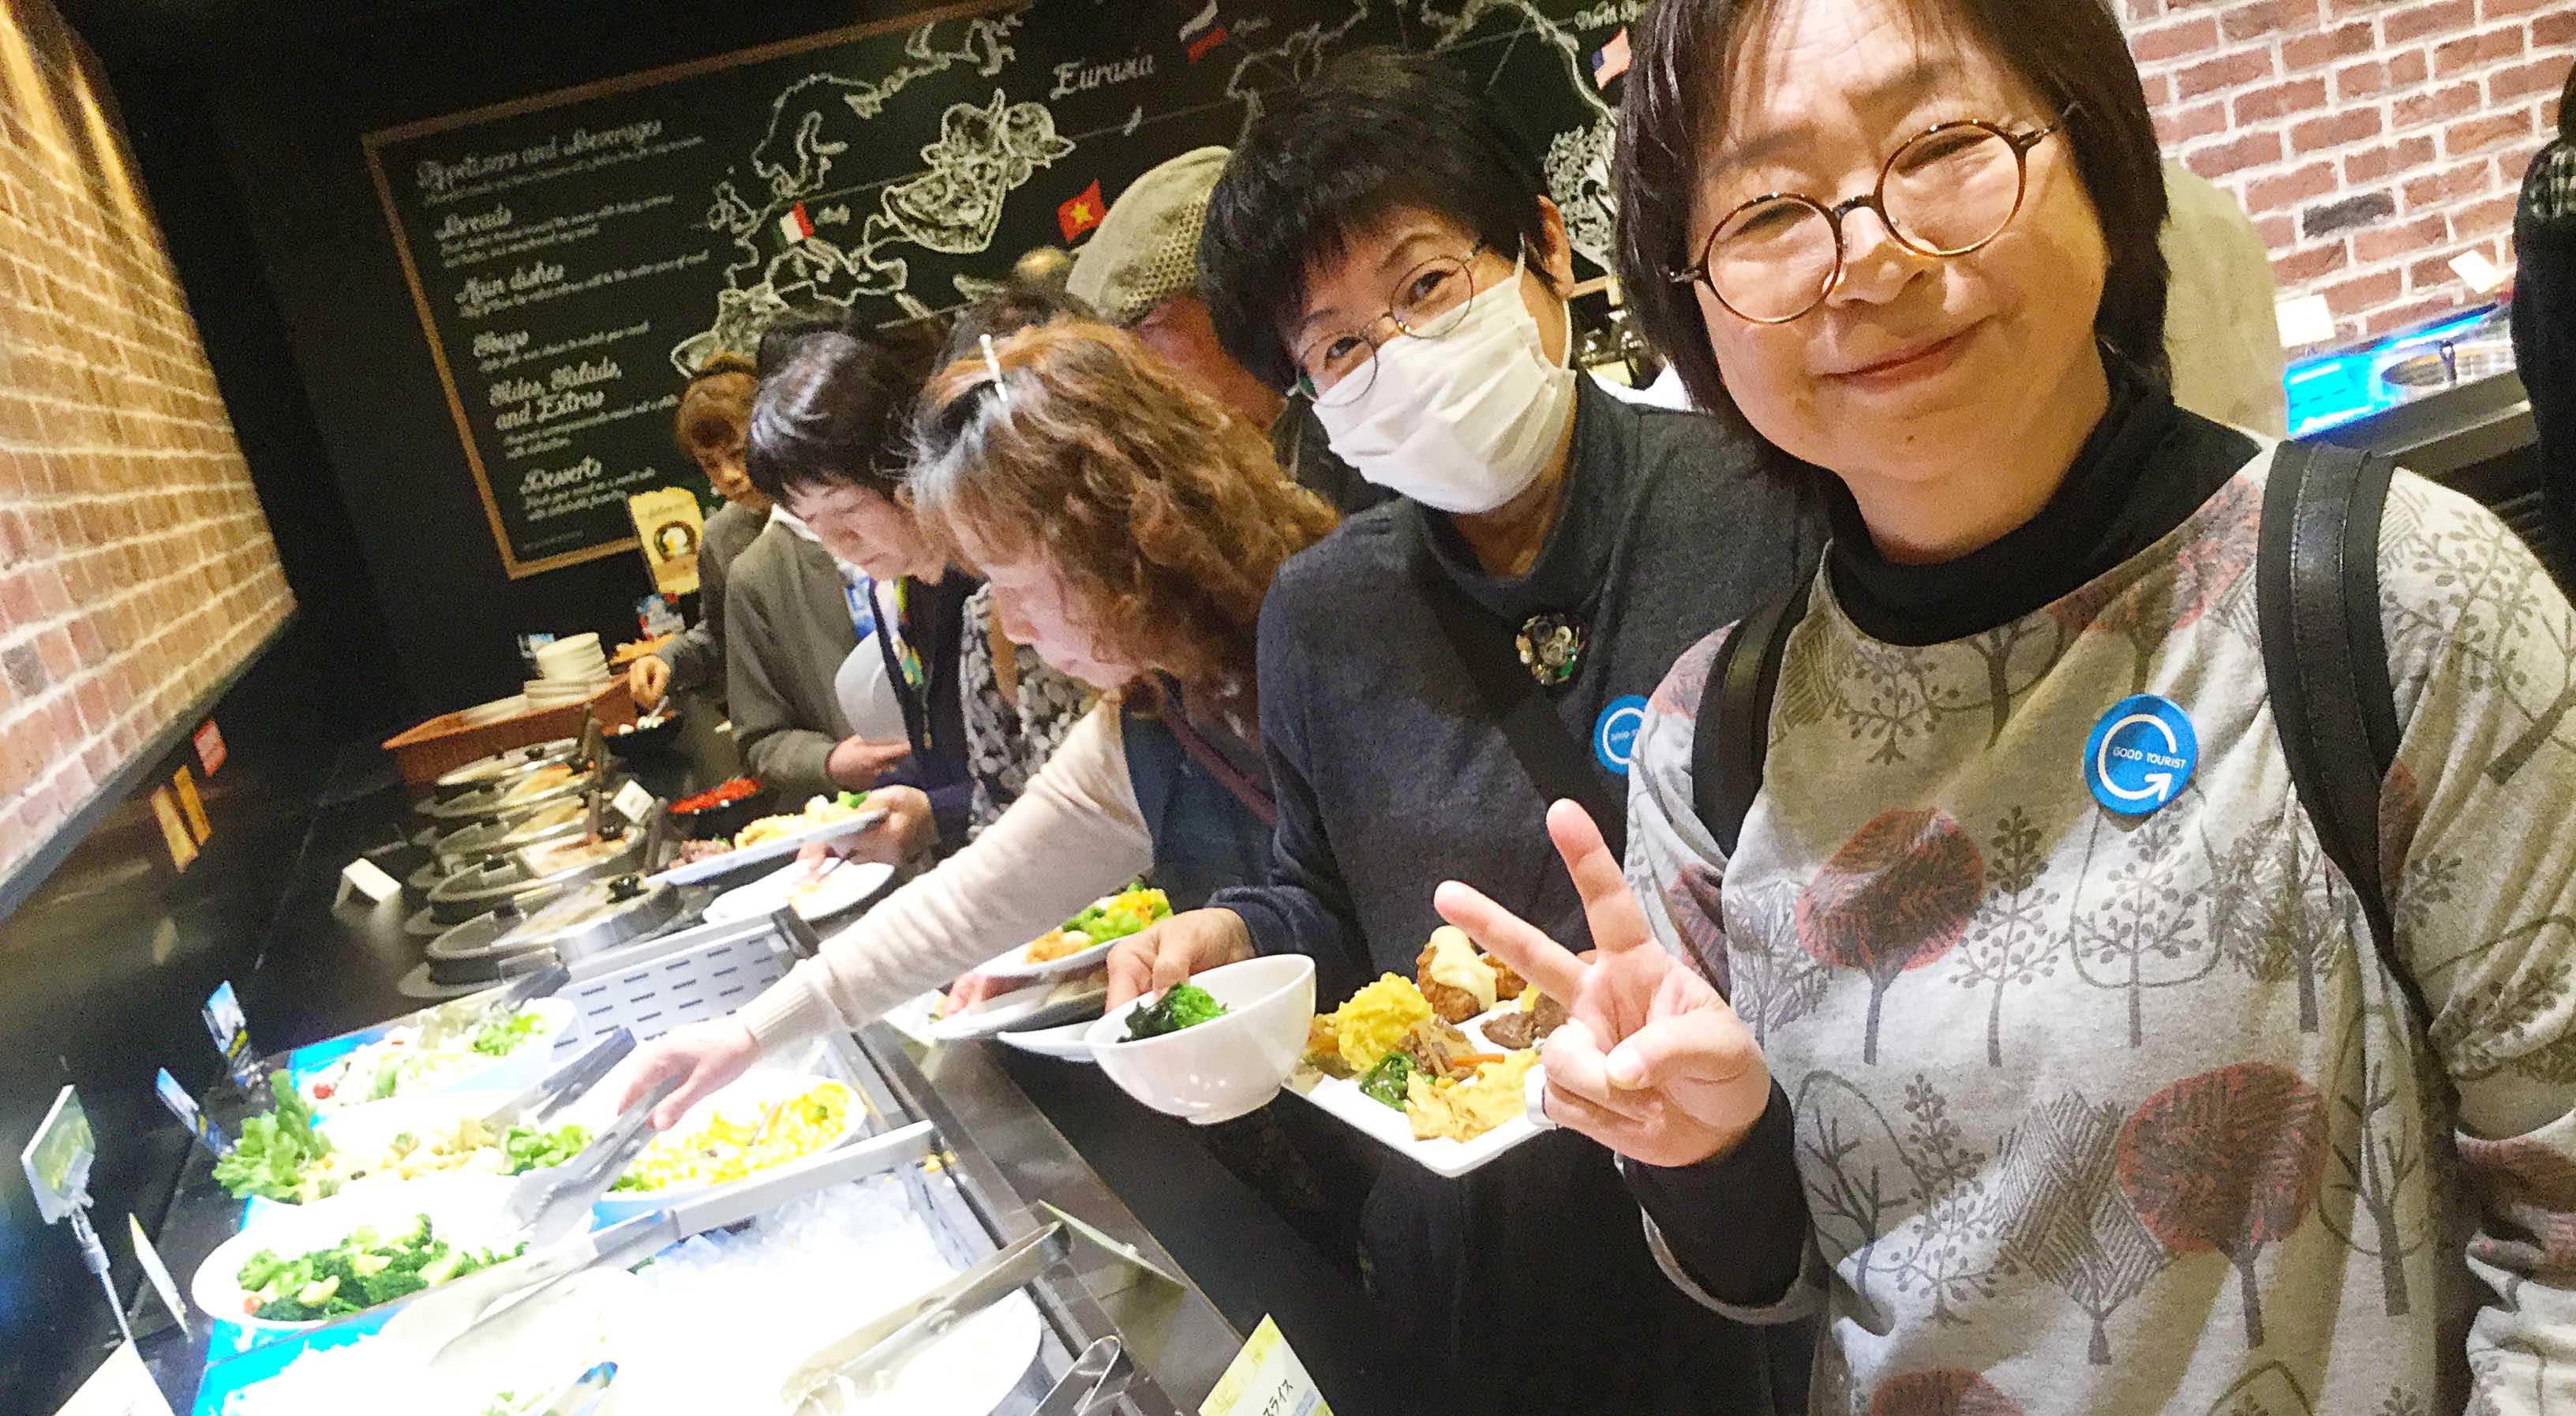 静岡 楽園花フェスタ 浜松満喫ツアー催行!